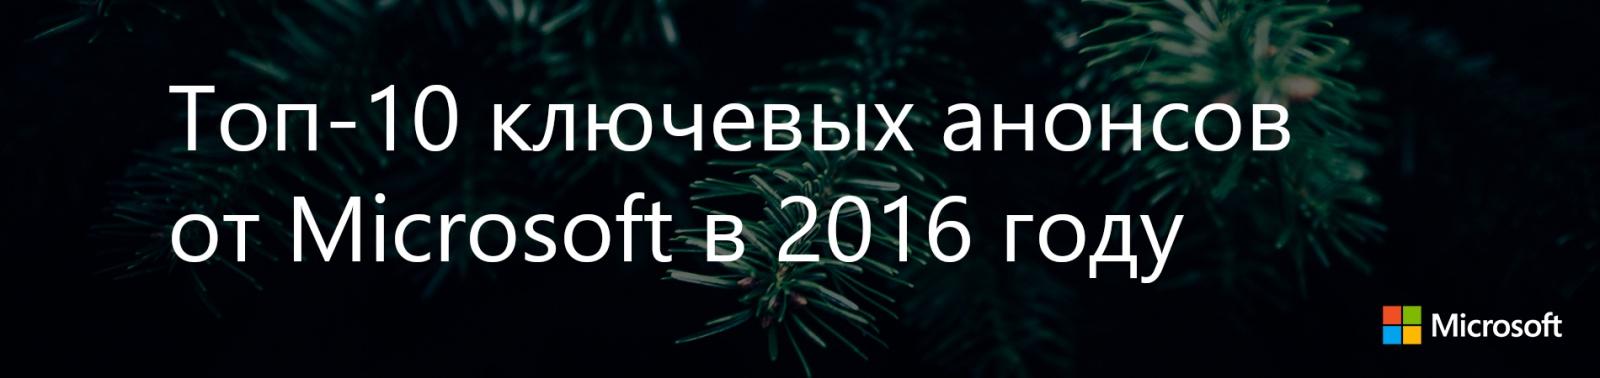 Топ-10 ключевых анонсов от Microsoft в 2016 году - 1